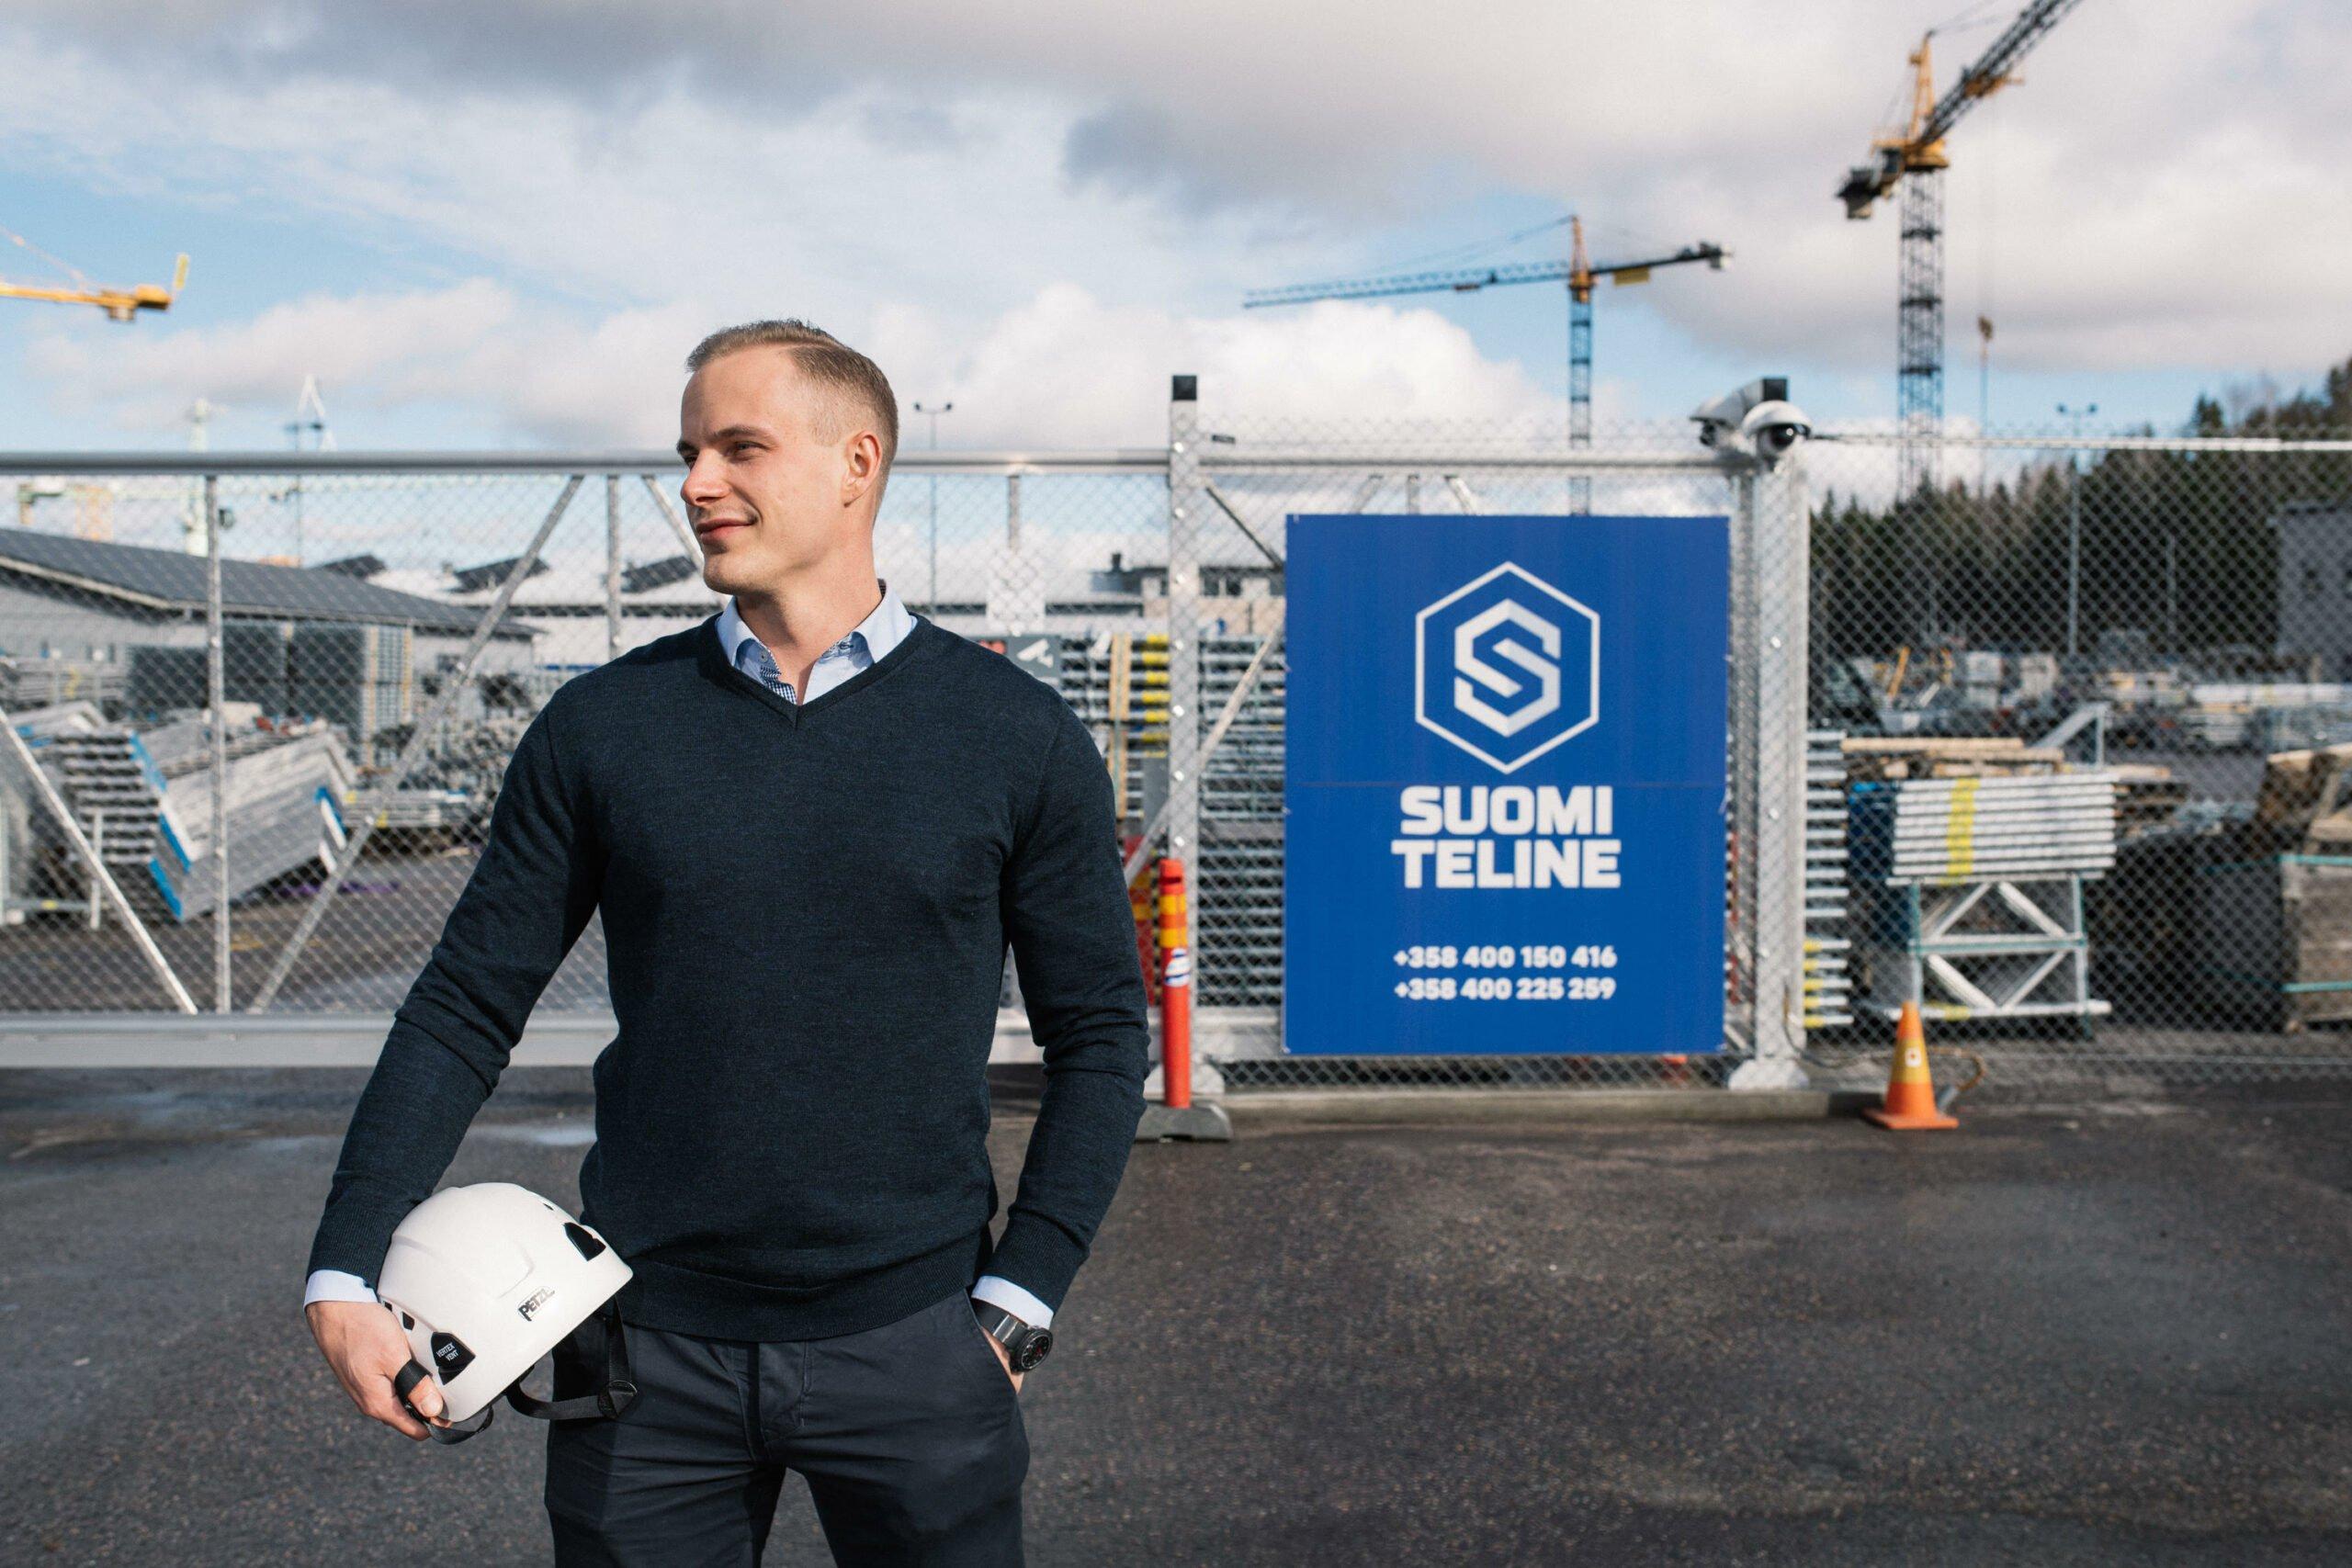 """""""Tehden ohjaa hyvin käyttäjäänsä"""" – Suomi Teline valitsi Tehdenin toiminnanohjausjärjestelmäkseen"""